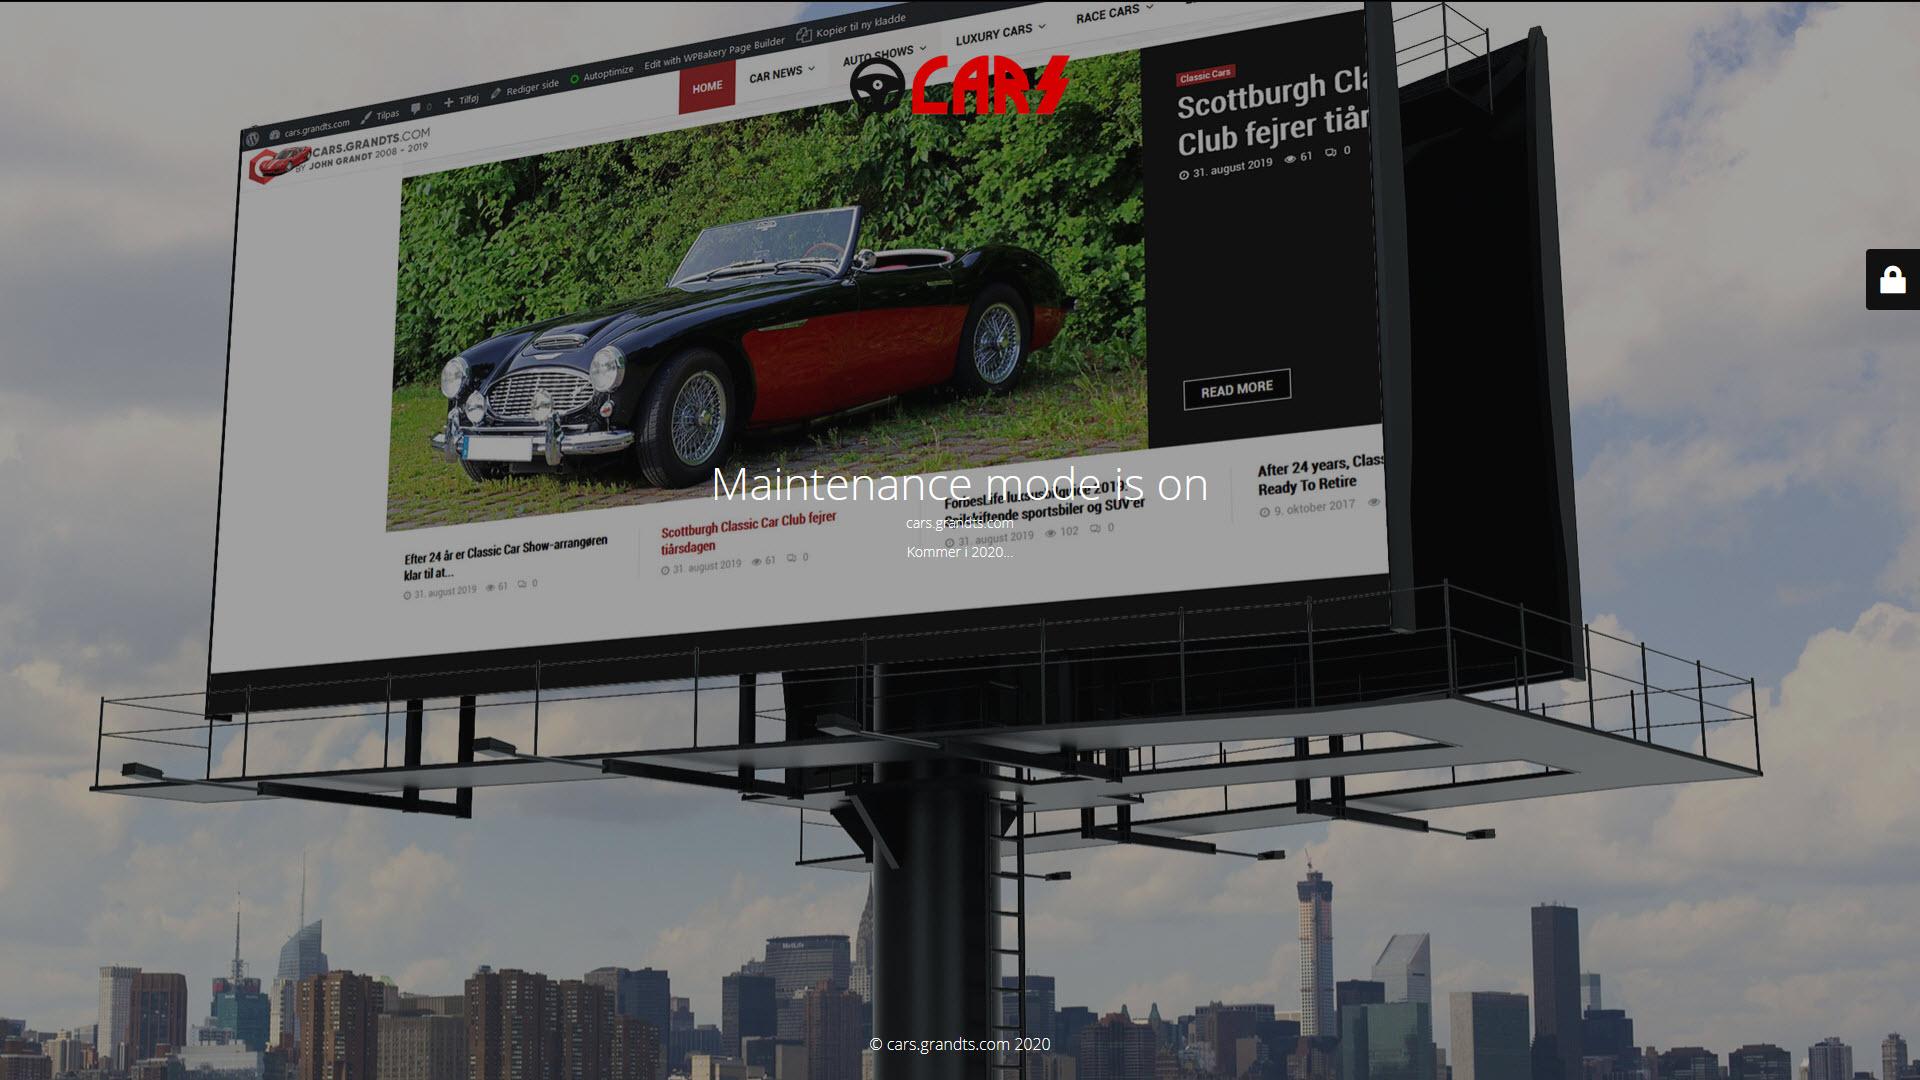 cars.grandts.com